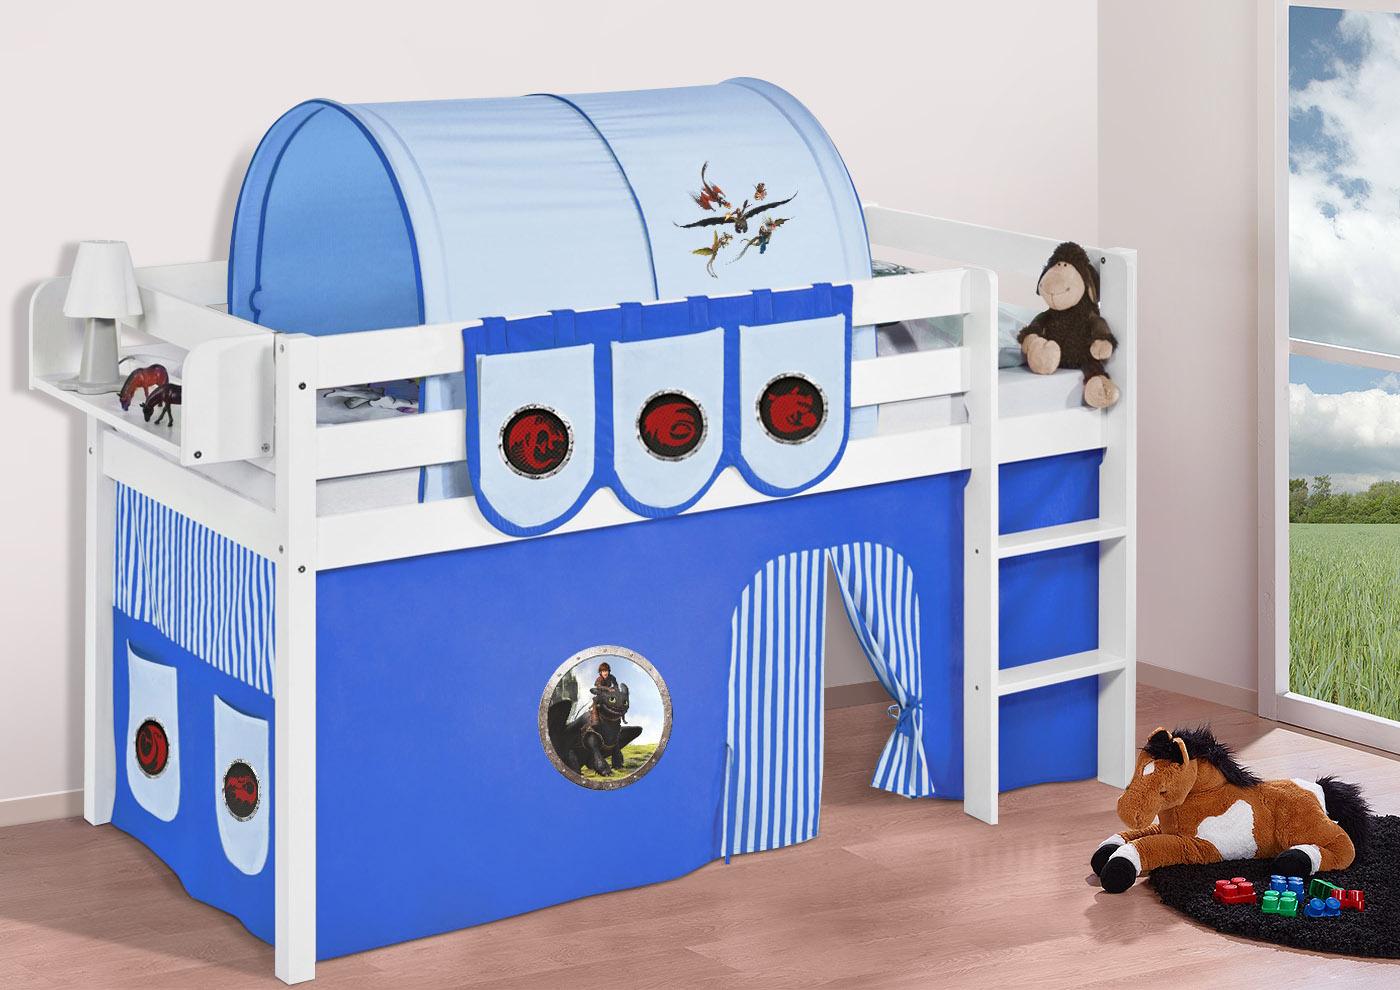 Vorhang Etagenbett Feuerwehr : Spielbett hochbett kinderbett jelle buche massivholz vorhang